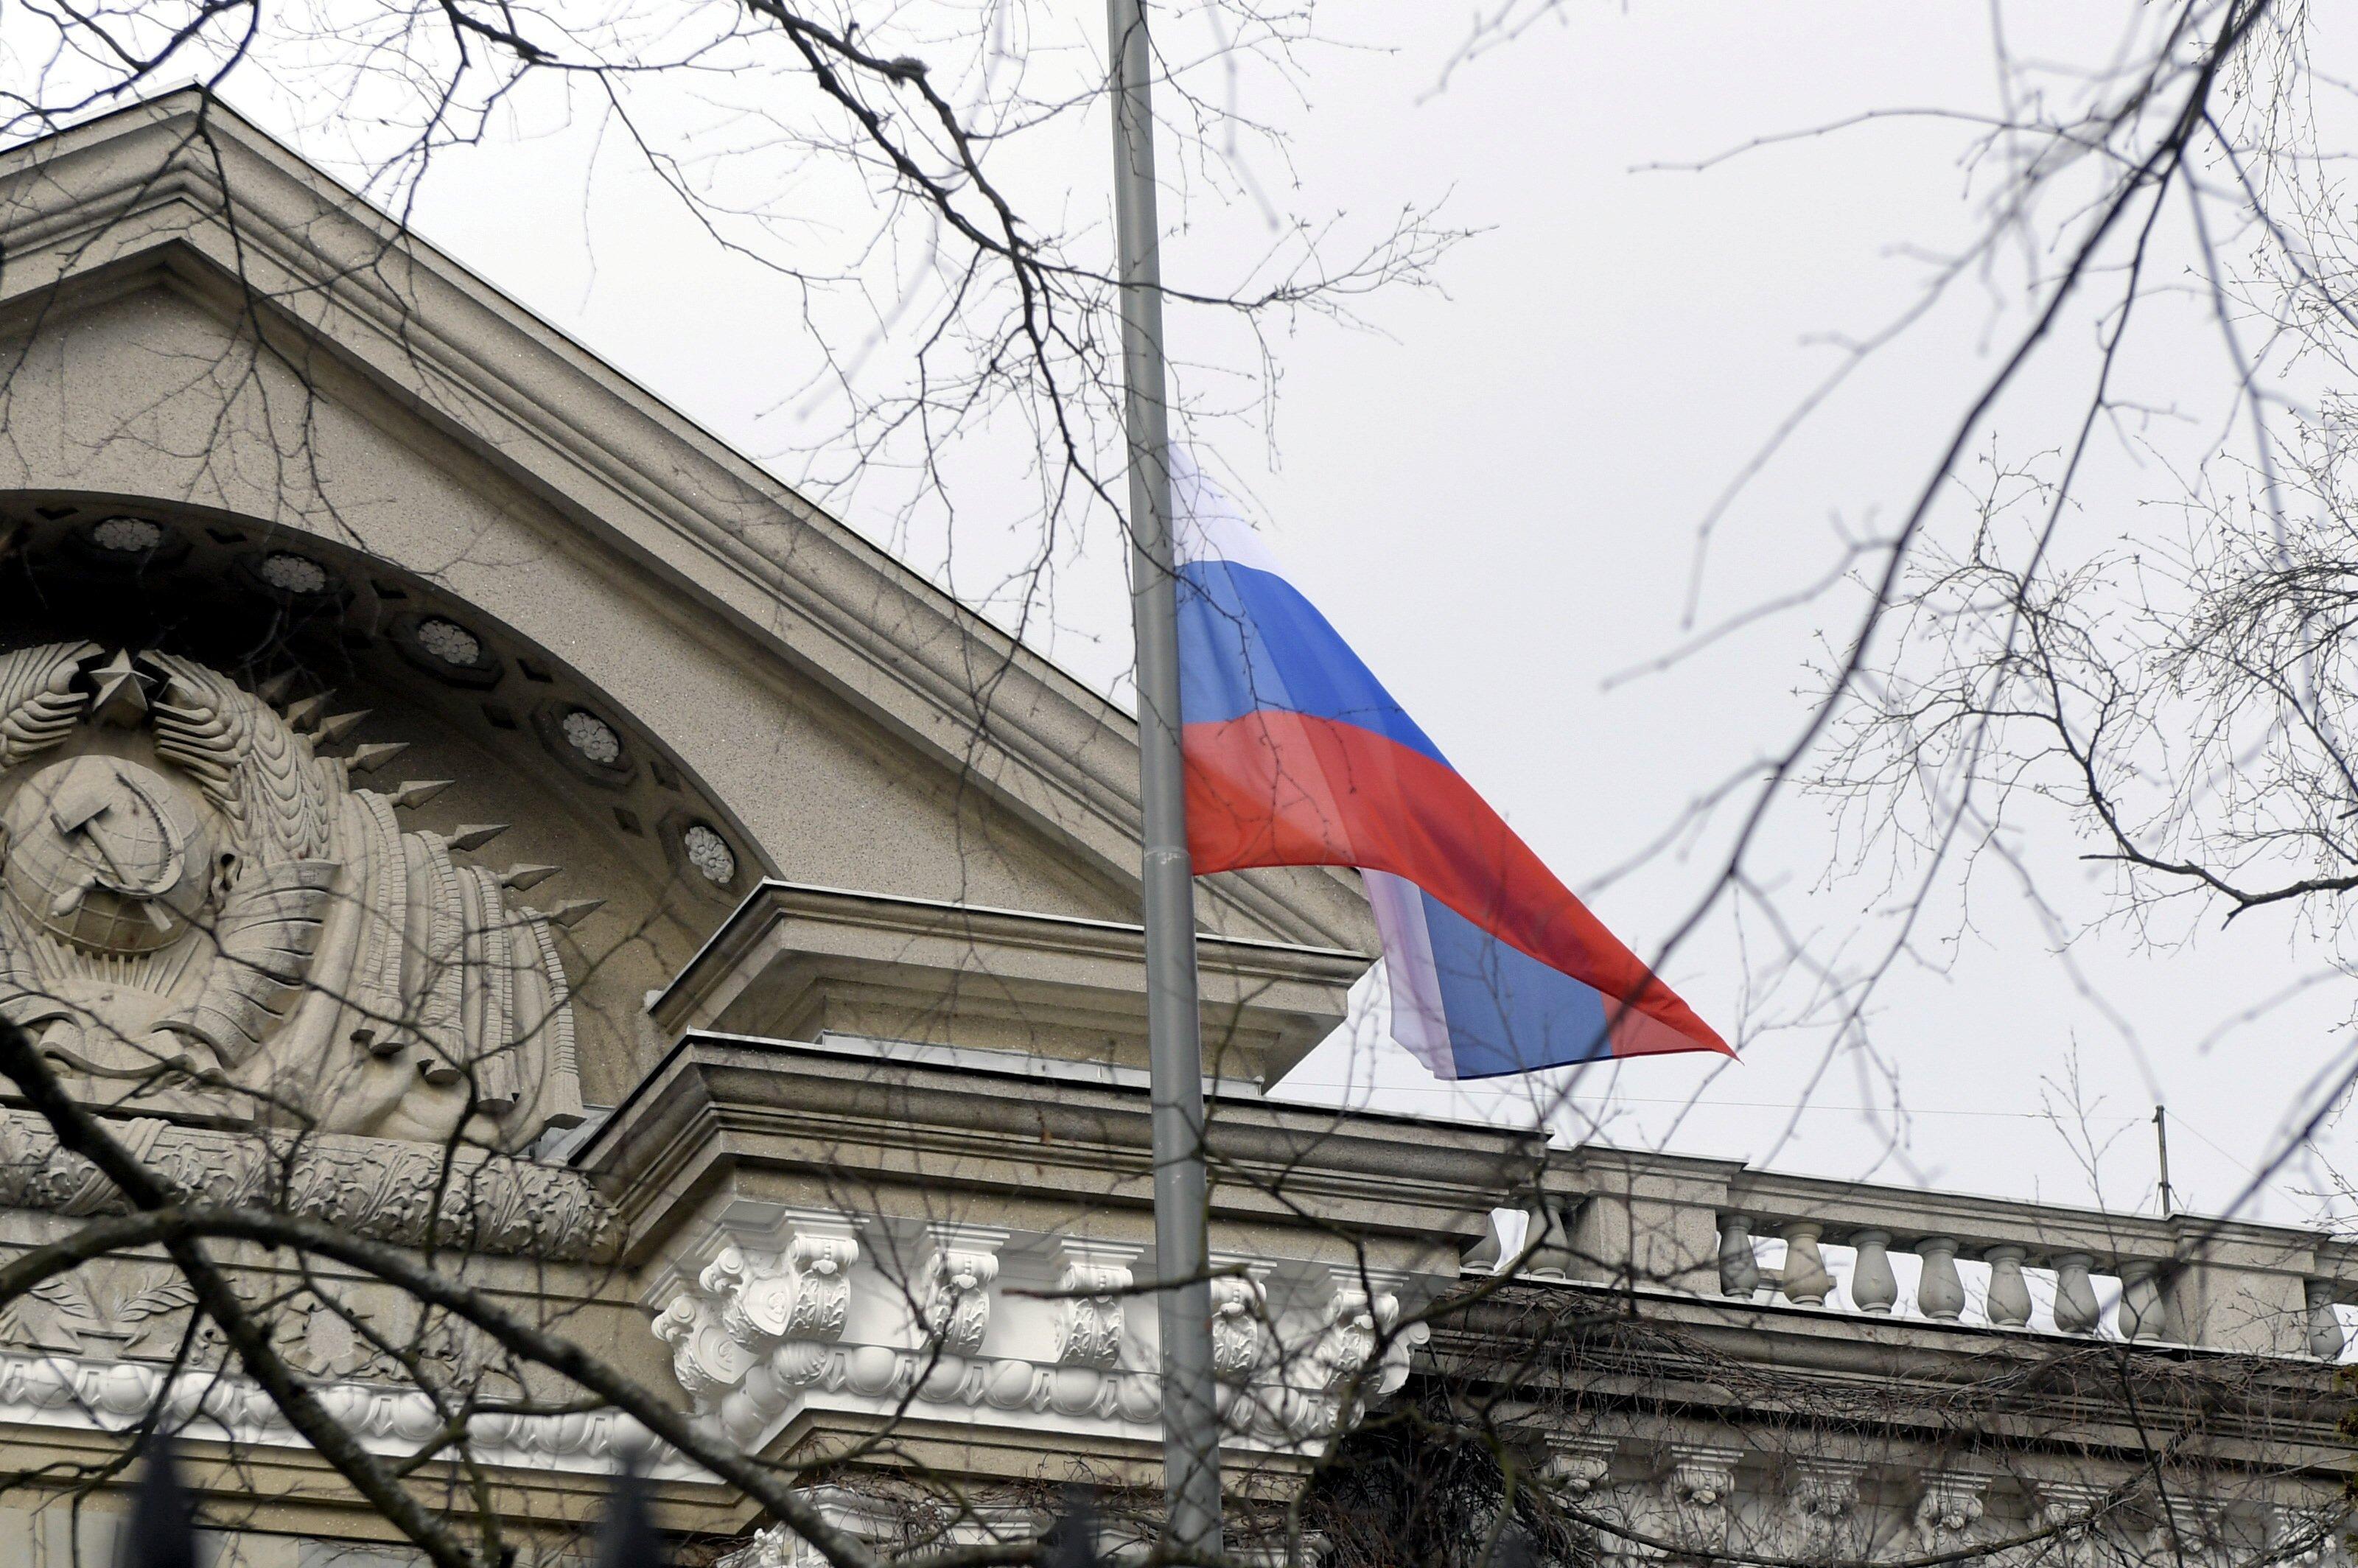 В РФ из-за политического недовольства возможна трансформация режима, считает обозреватель